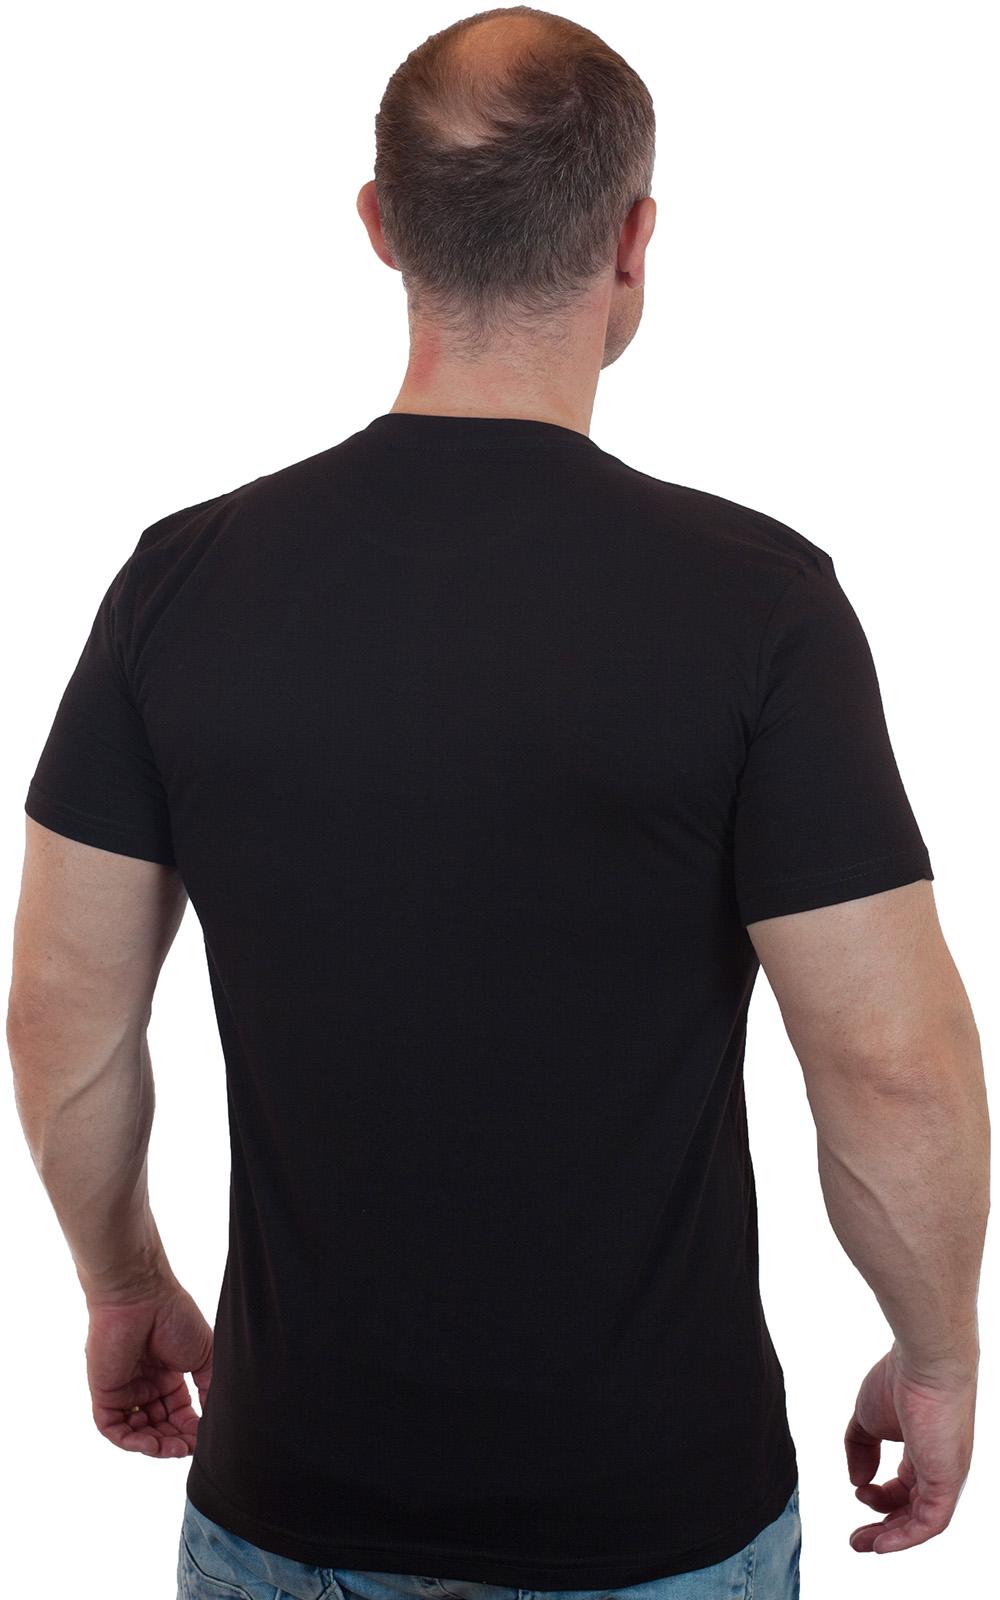 Лаконичная футболка с вышитой эмблемой 7 гв. ДШД - заказать с доставкой